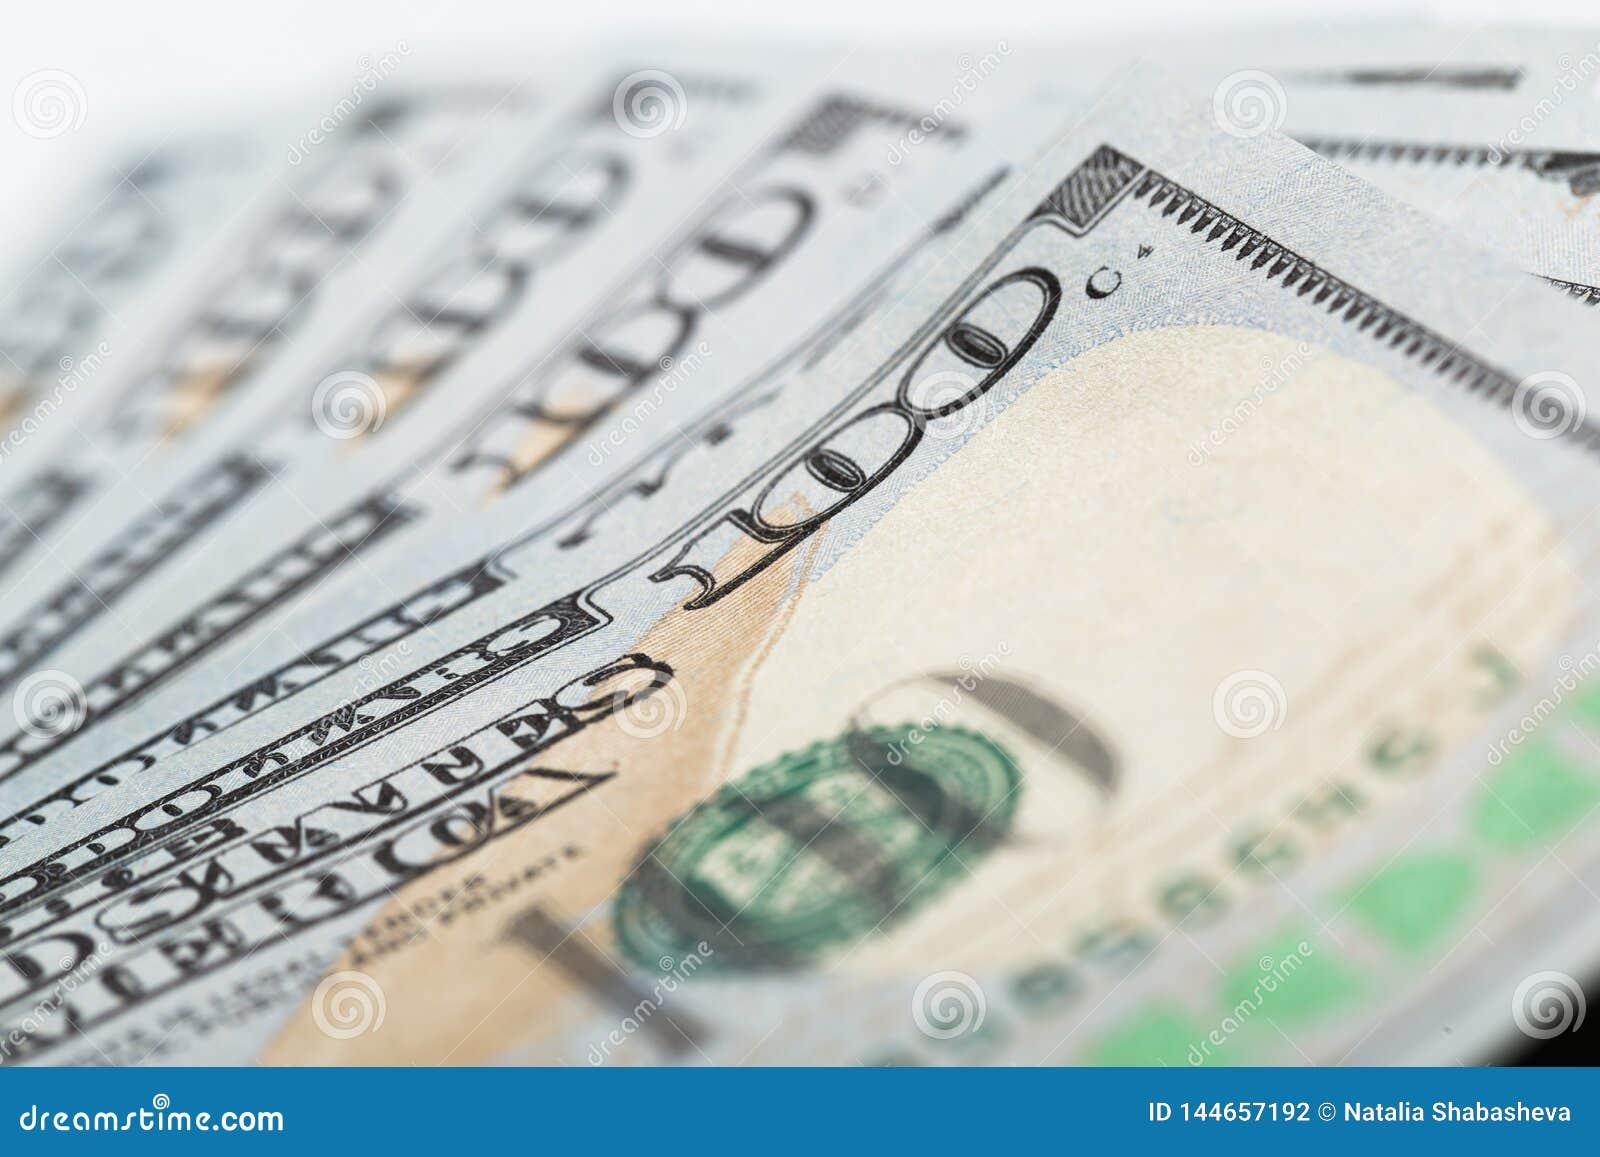 Close-up american dollar banknotes